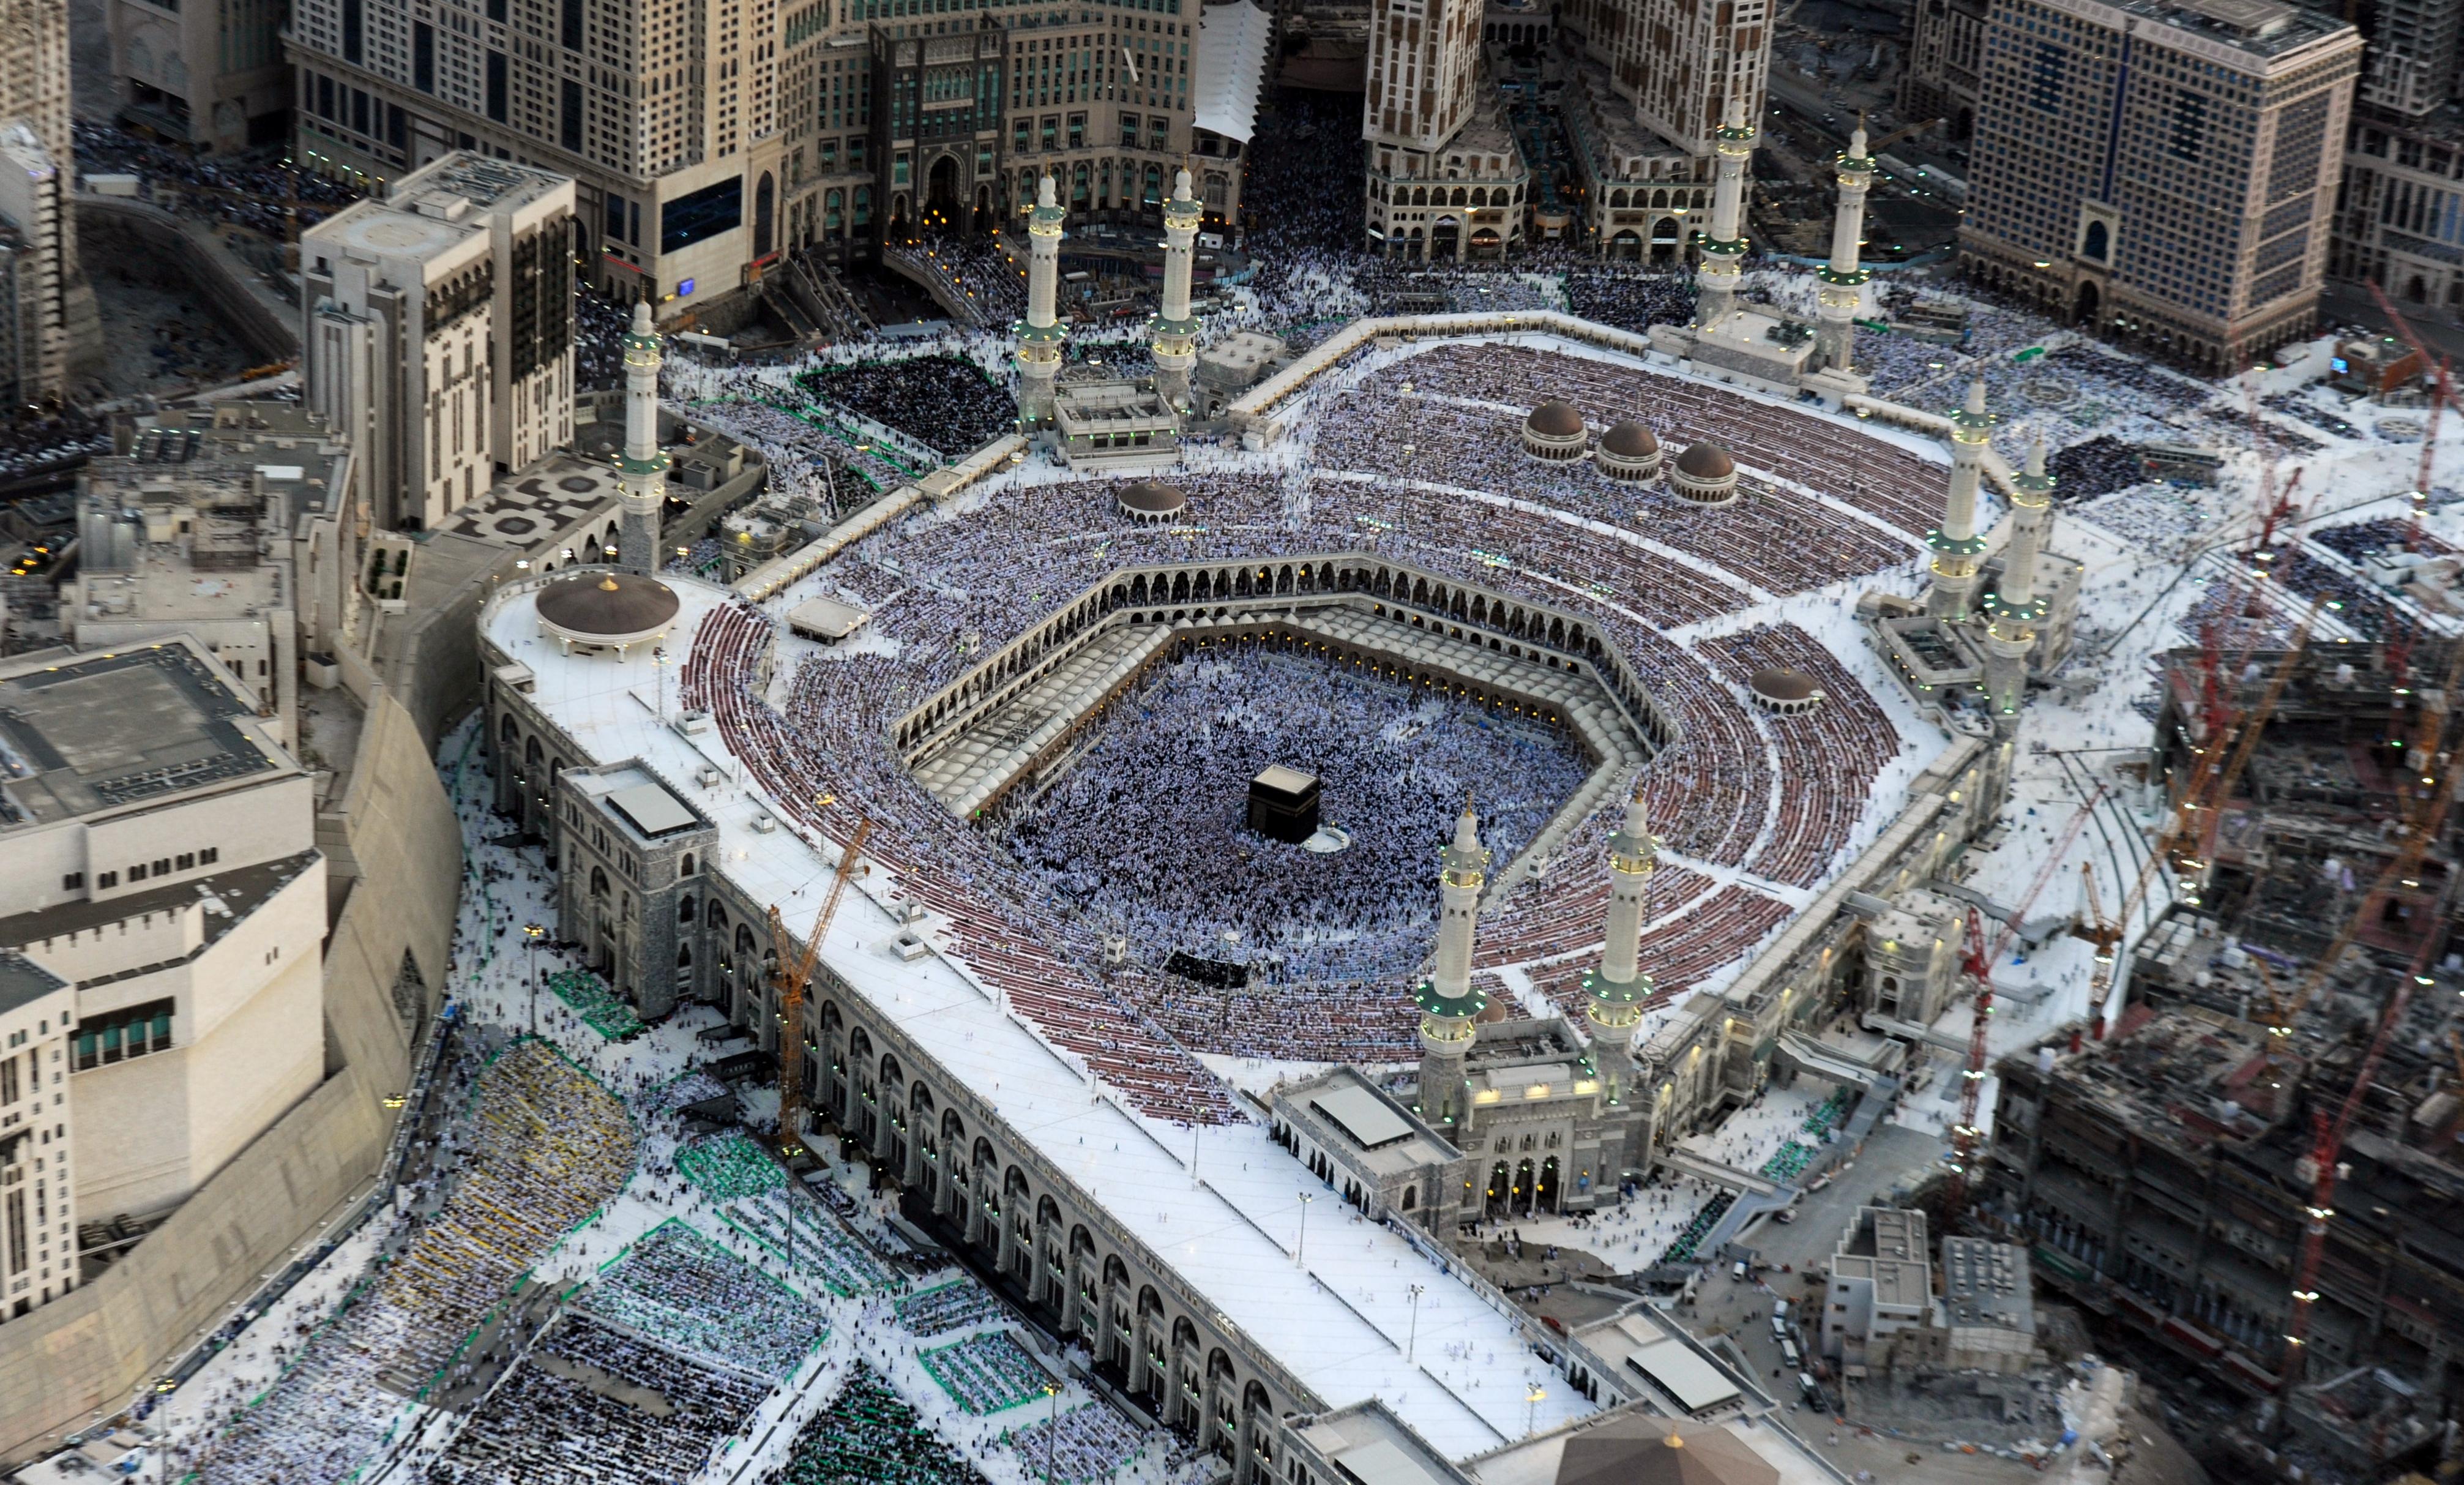 An aerial view shows Muslim pilgrims wal